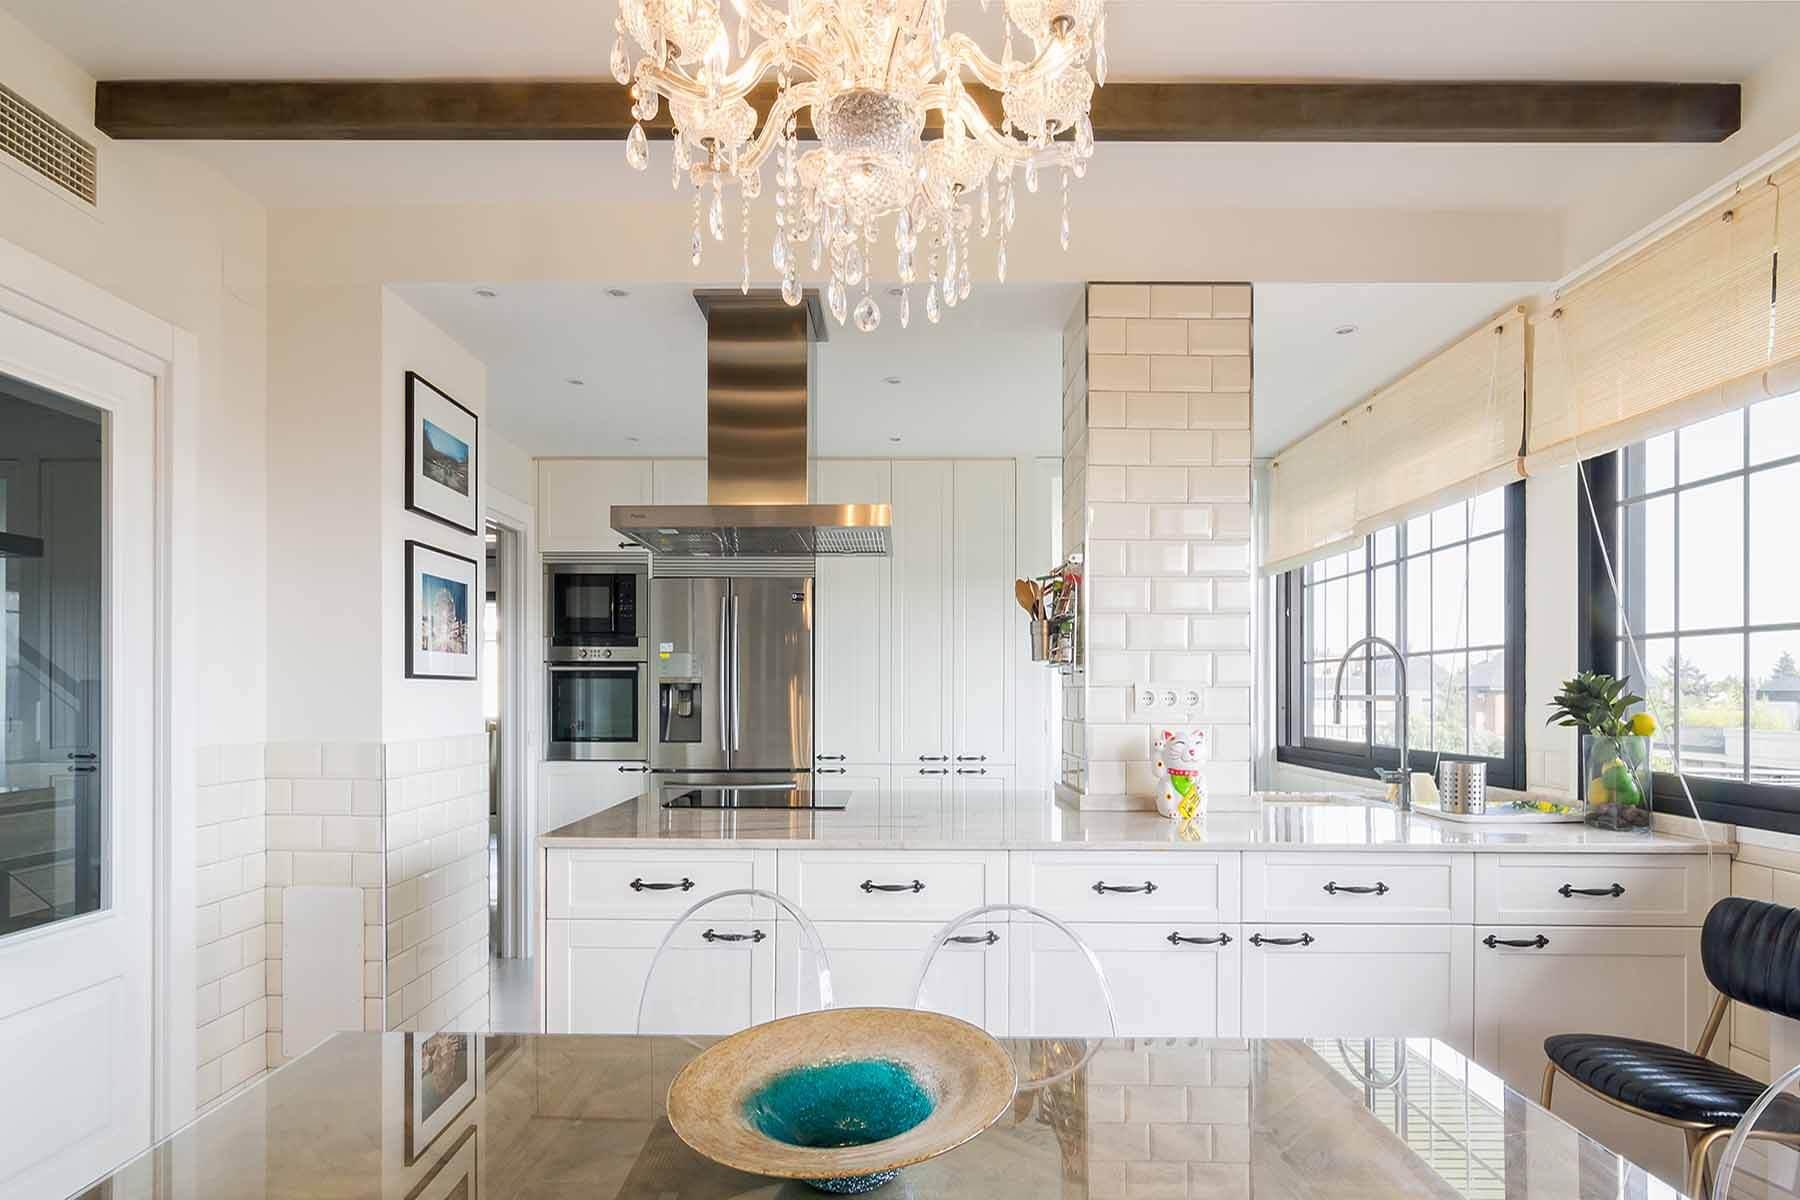 cocina rústica blanca con electrodomésticos en inox - muebles de cocina